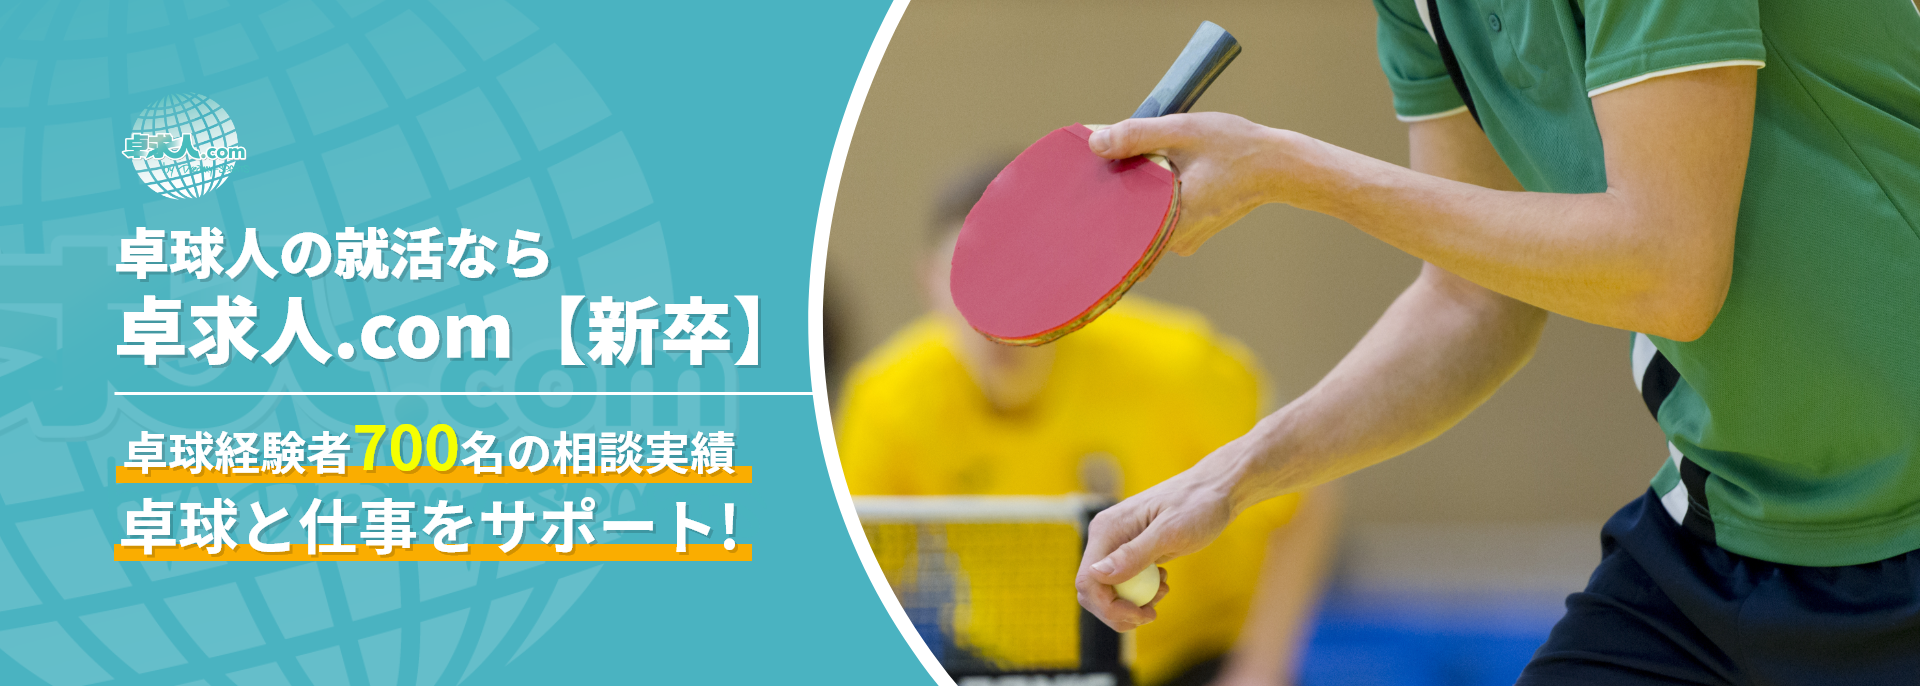 卓求人の就活なら卓求人.com【新卒】卓球経験者700名の相談実績 卓球と仕事をサポート!